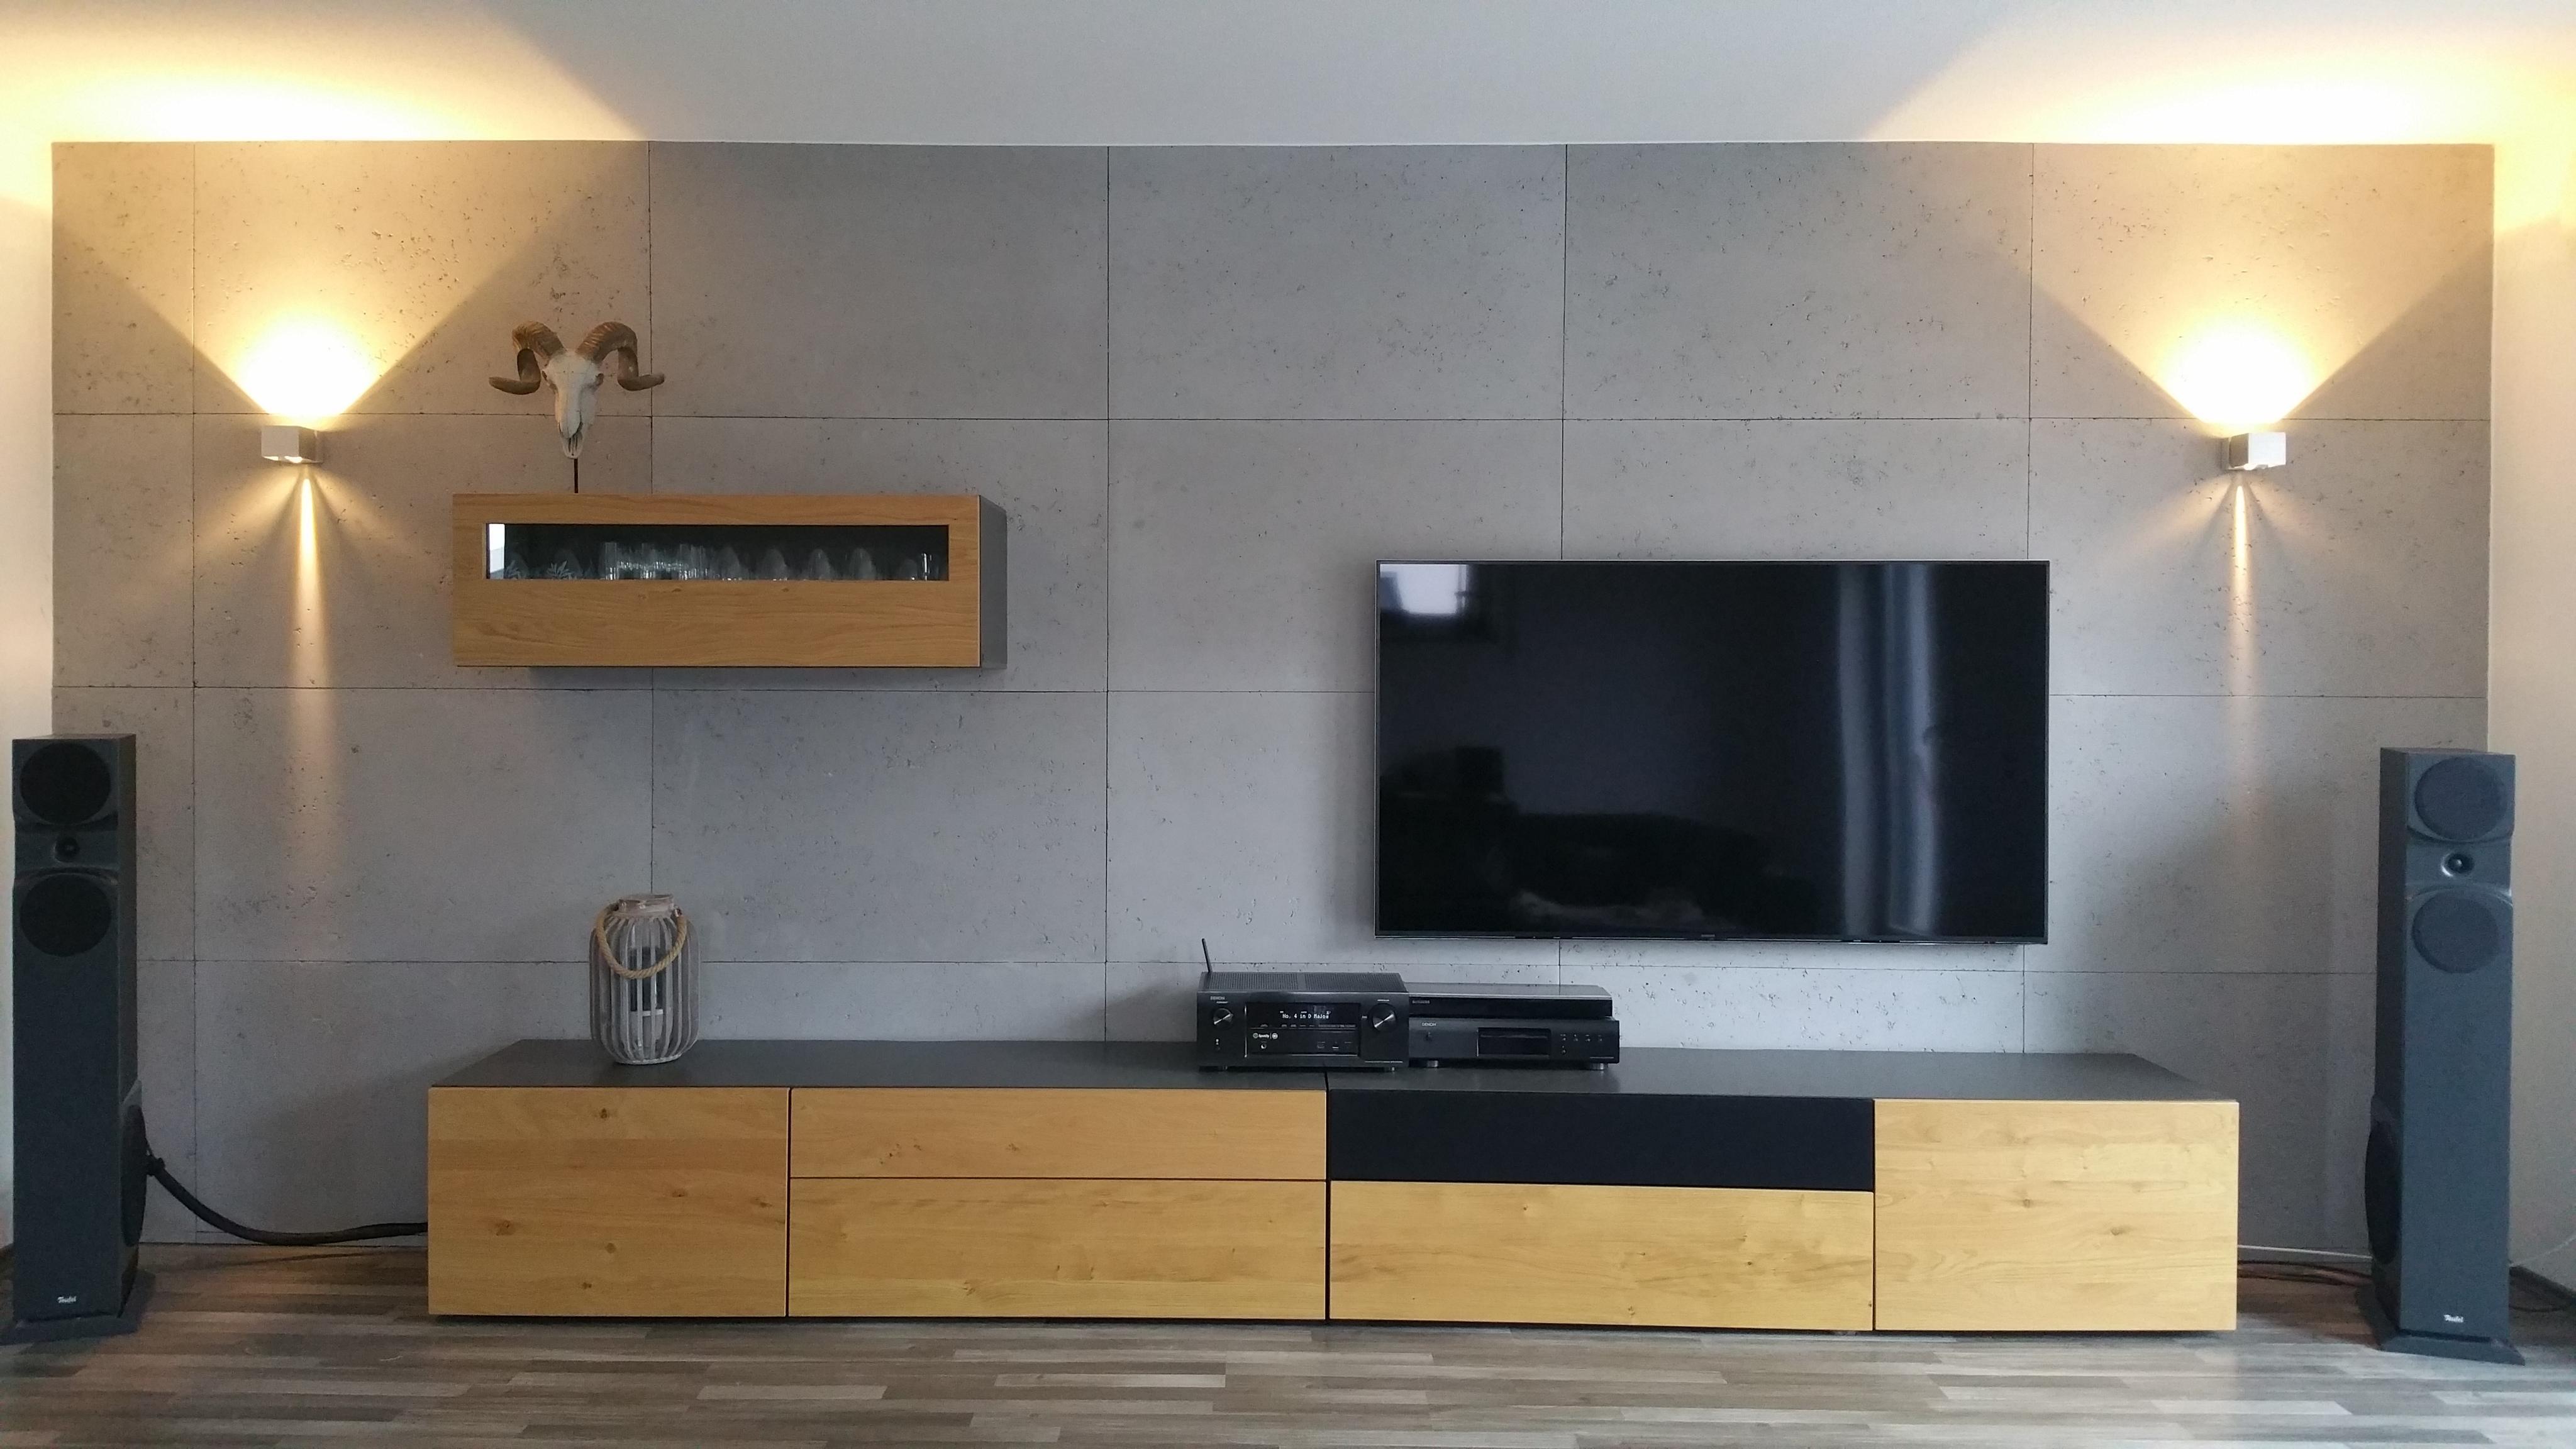 wand in betonoptik • bilder & ideen • couch